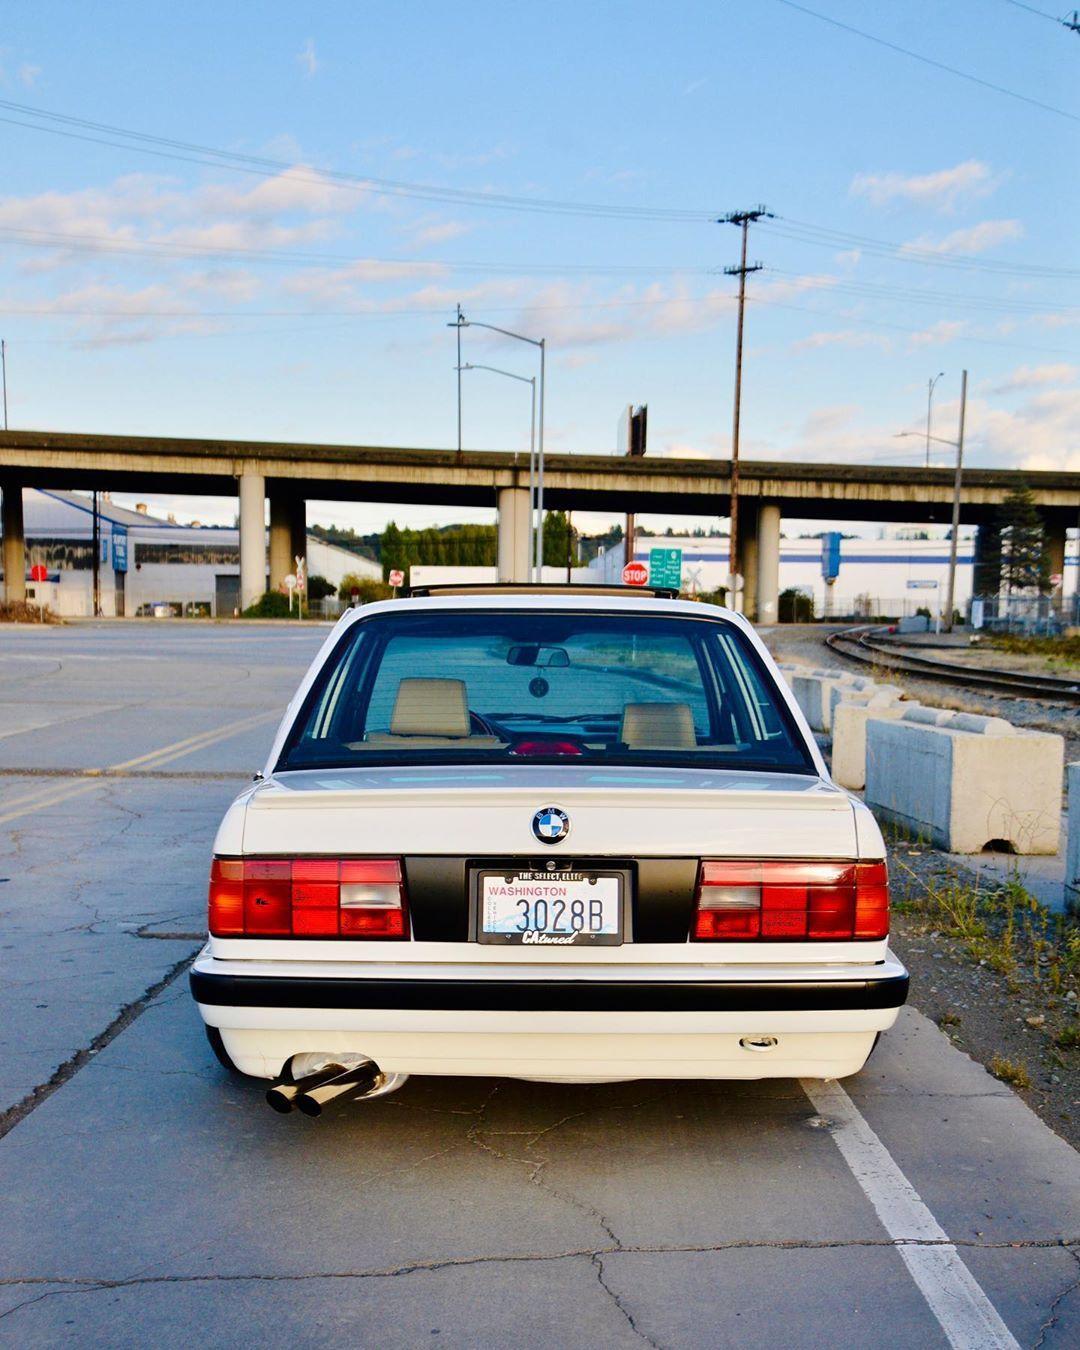 1 646 Otmetok Nravitsya 5 Kommentariev Mackenzie E Mackenzie E30 V Instagram Still Enjoying How The Plate Filler Looks Thanks To Bmw E30 E30 Bmw Cars